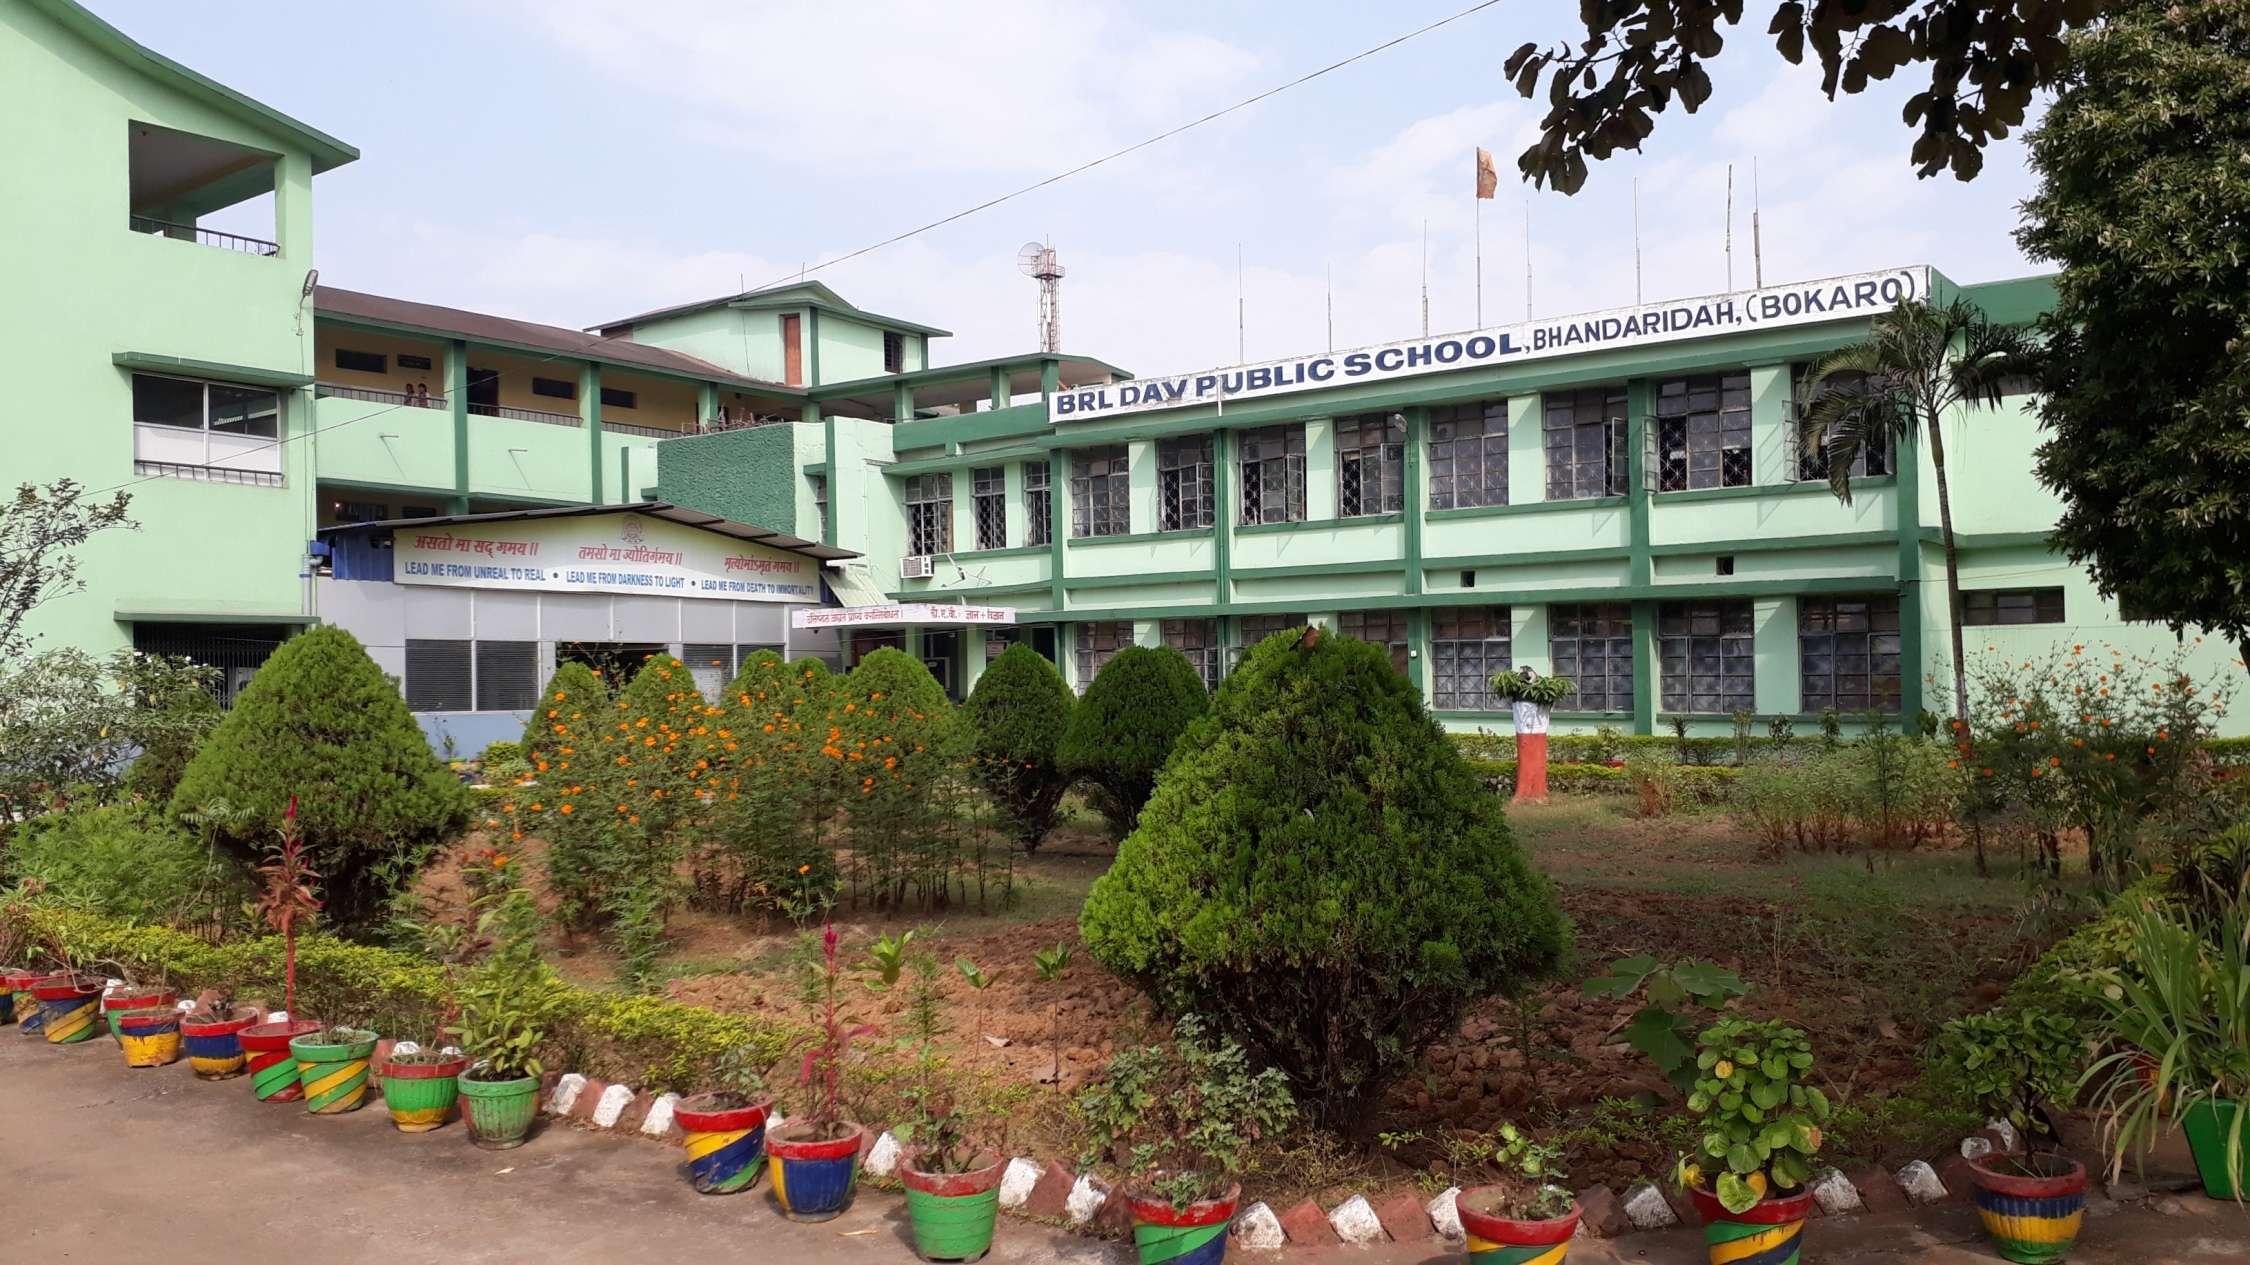 BRL DAV PUBLIC SCHOOL BHANDARIDAH DISTT BOKARO JHARKHAND - The